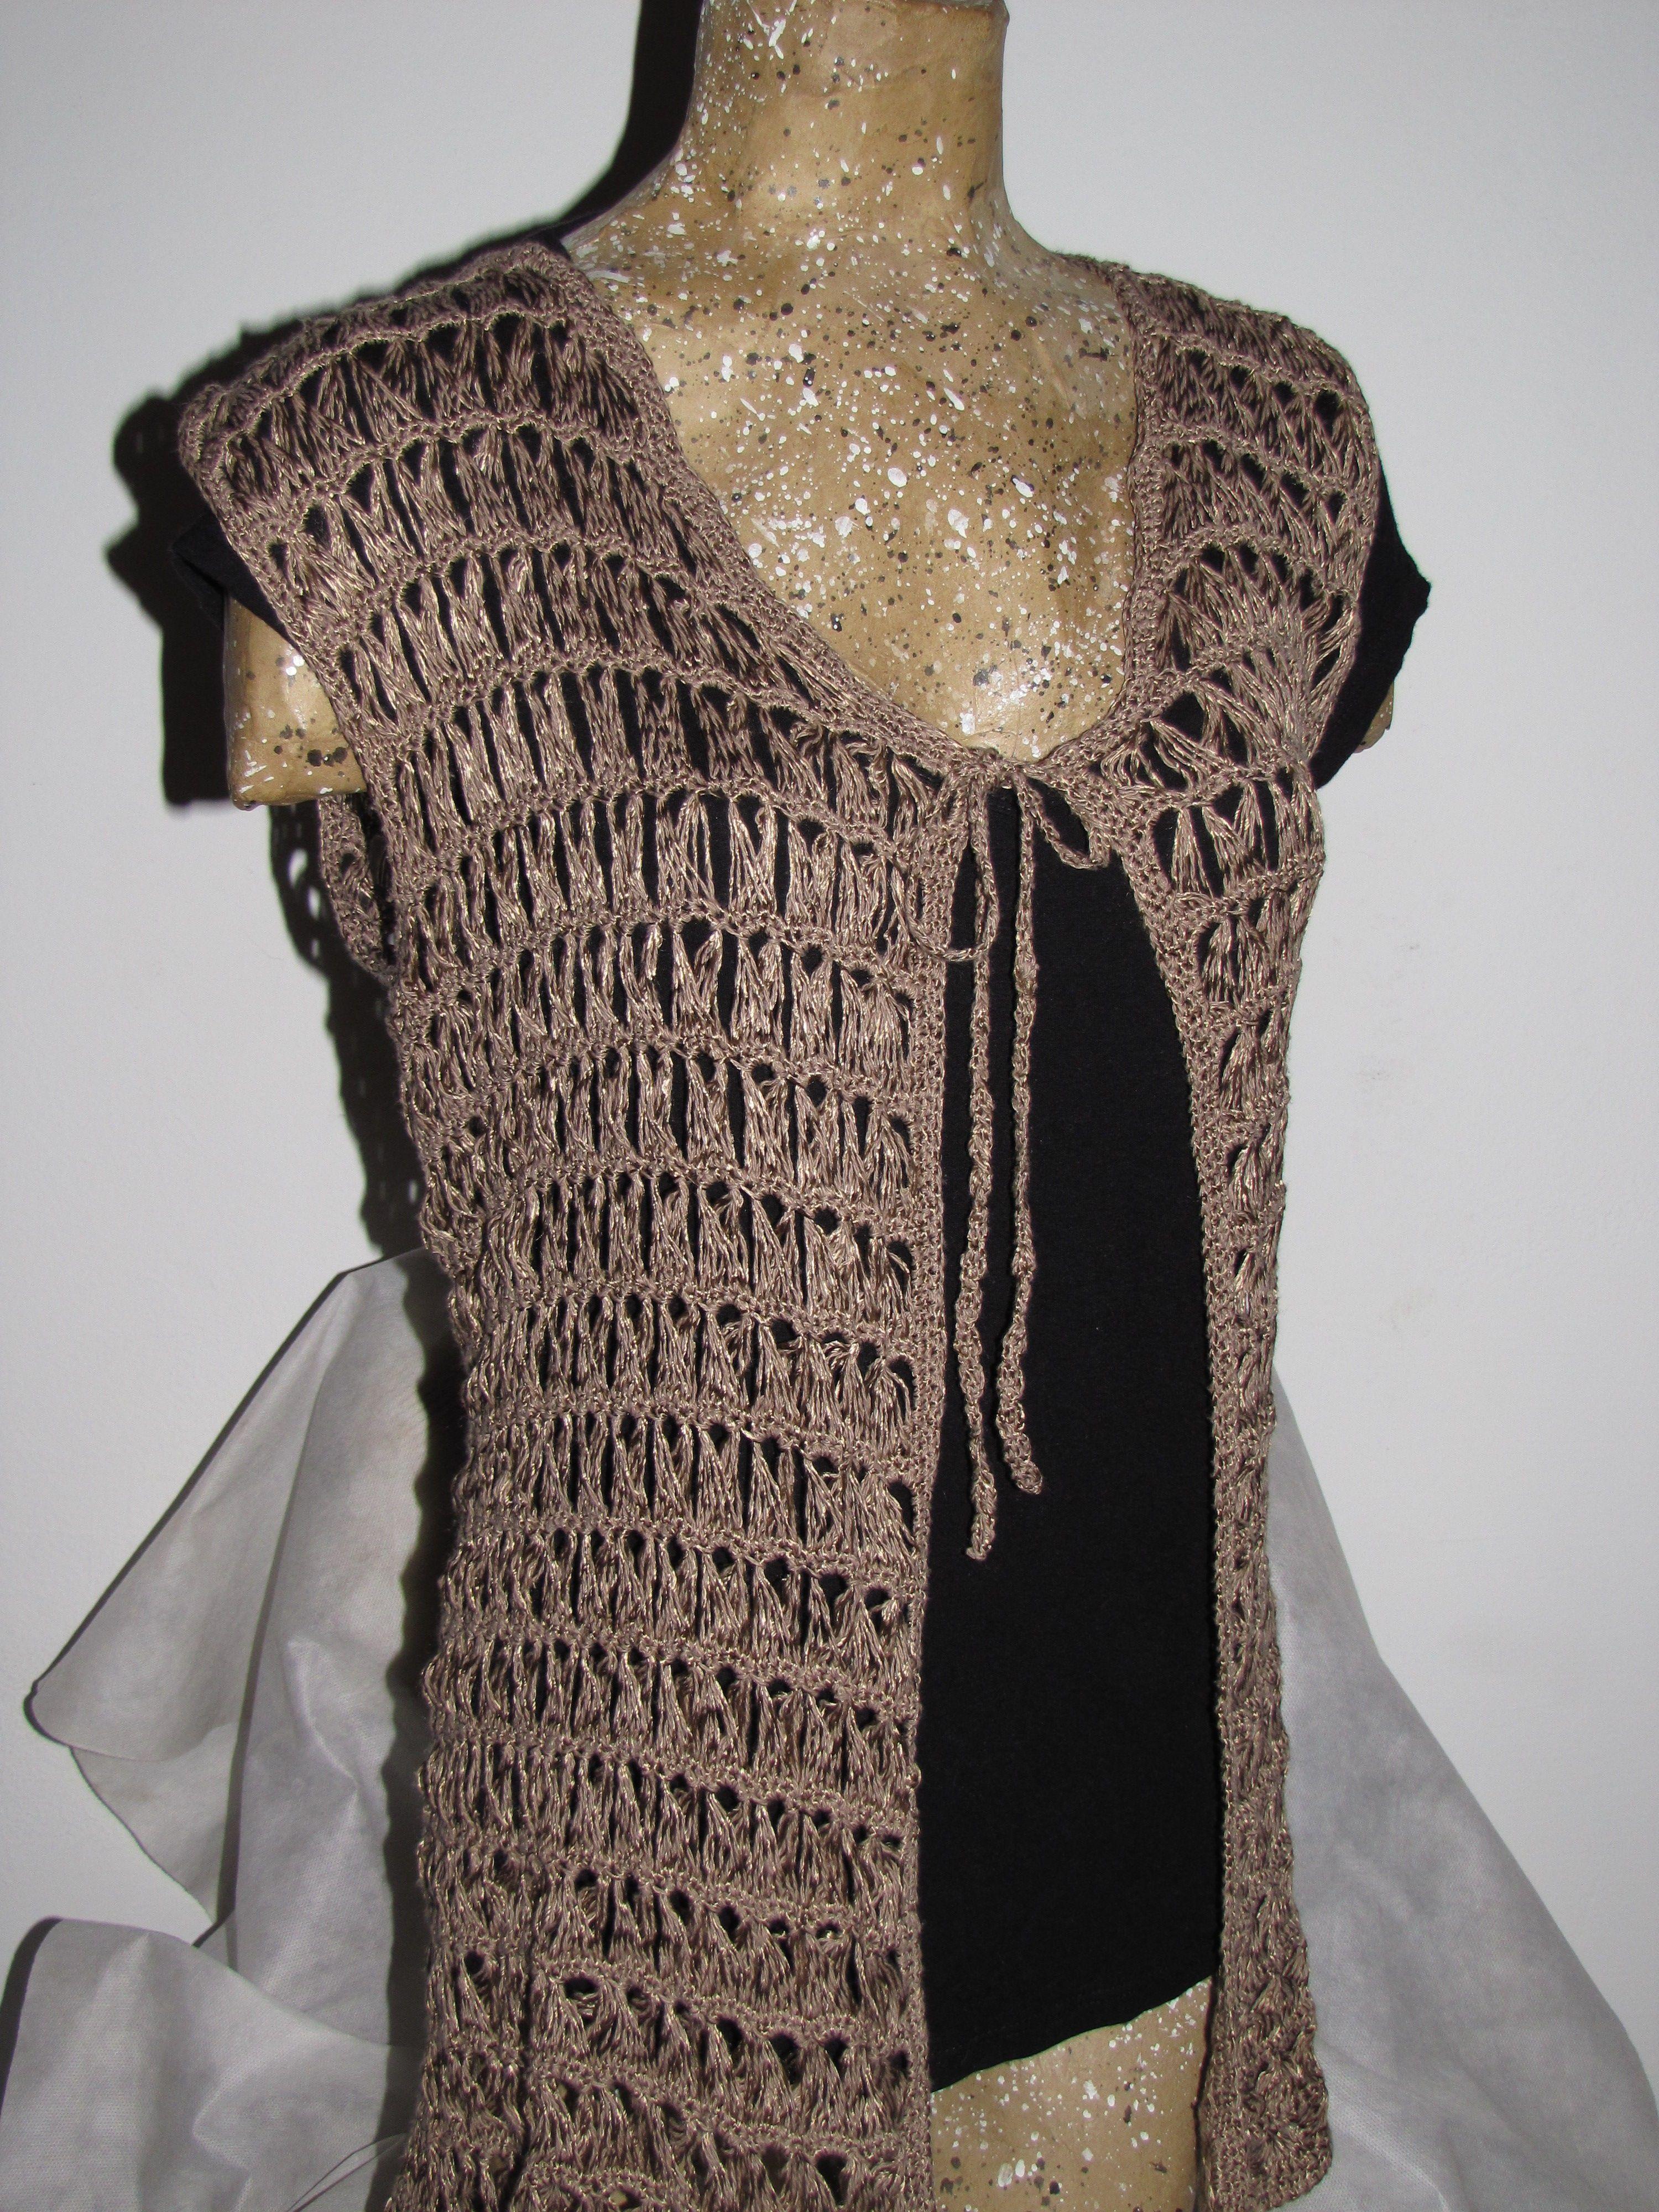 Chaleco delicado por el encaje con palo de escoba. Broomstick lace ...